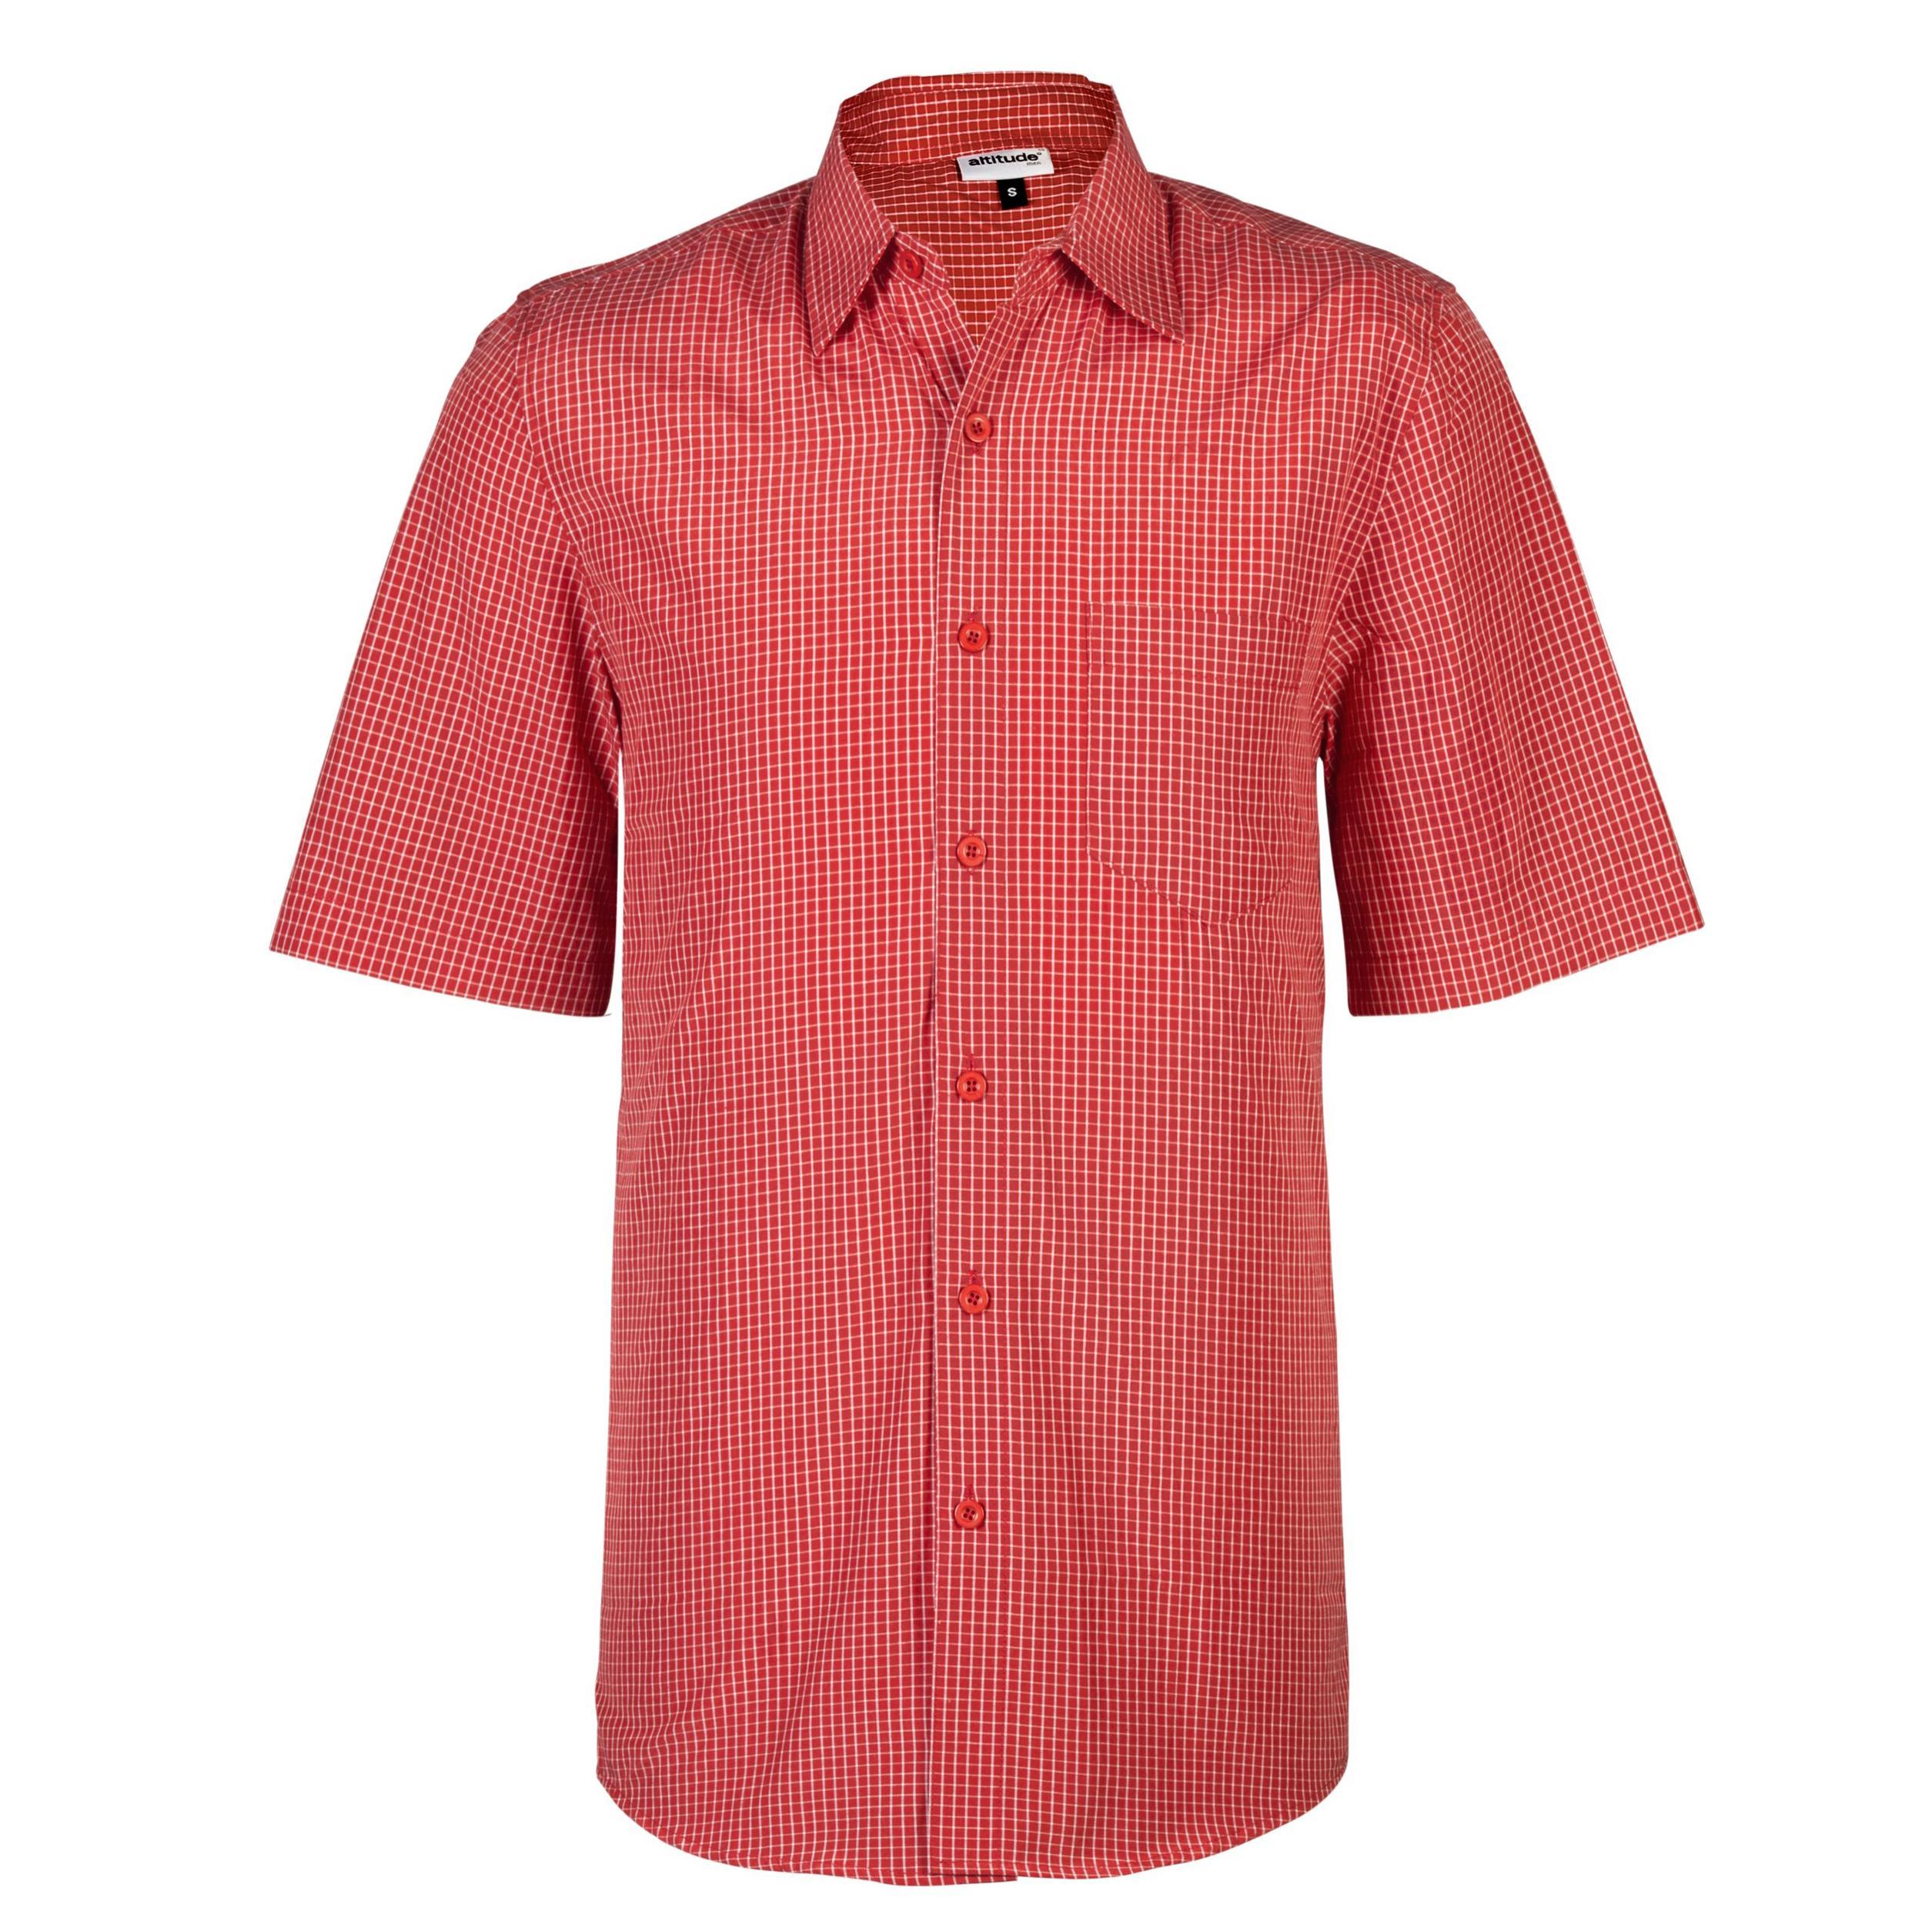 Mens Short Sleeve Cedar Shirt - Red Only